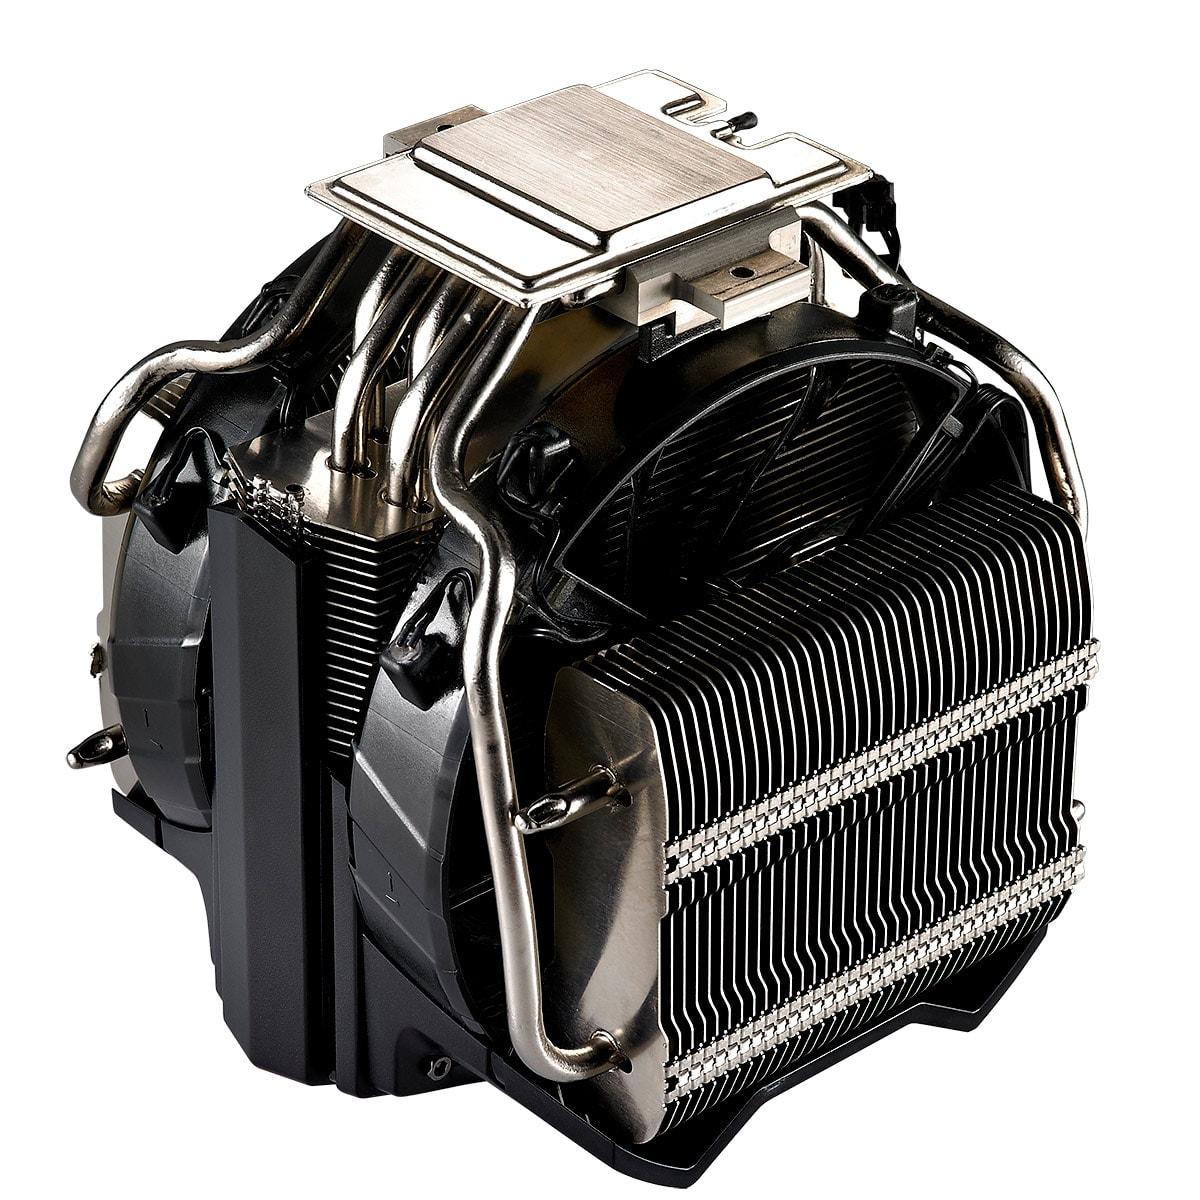 Cooler Master RR-V8VC-16PR-R2 - Ventilateur CPU Cooler Master - 3